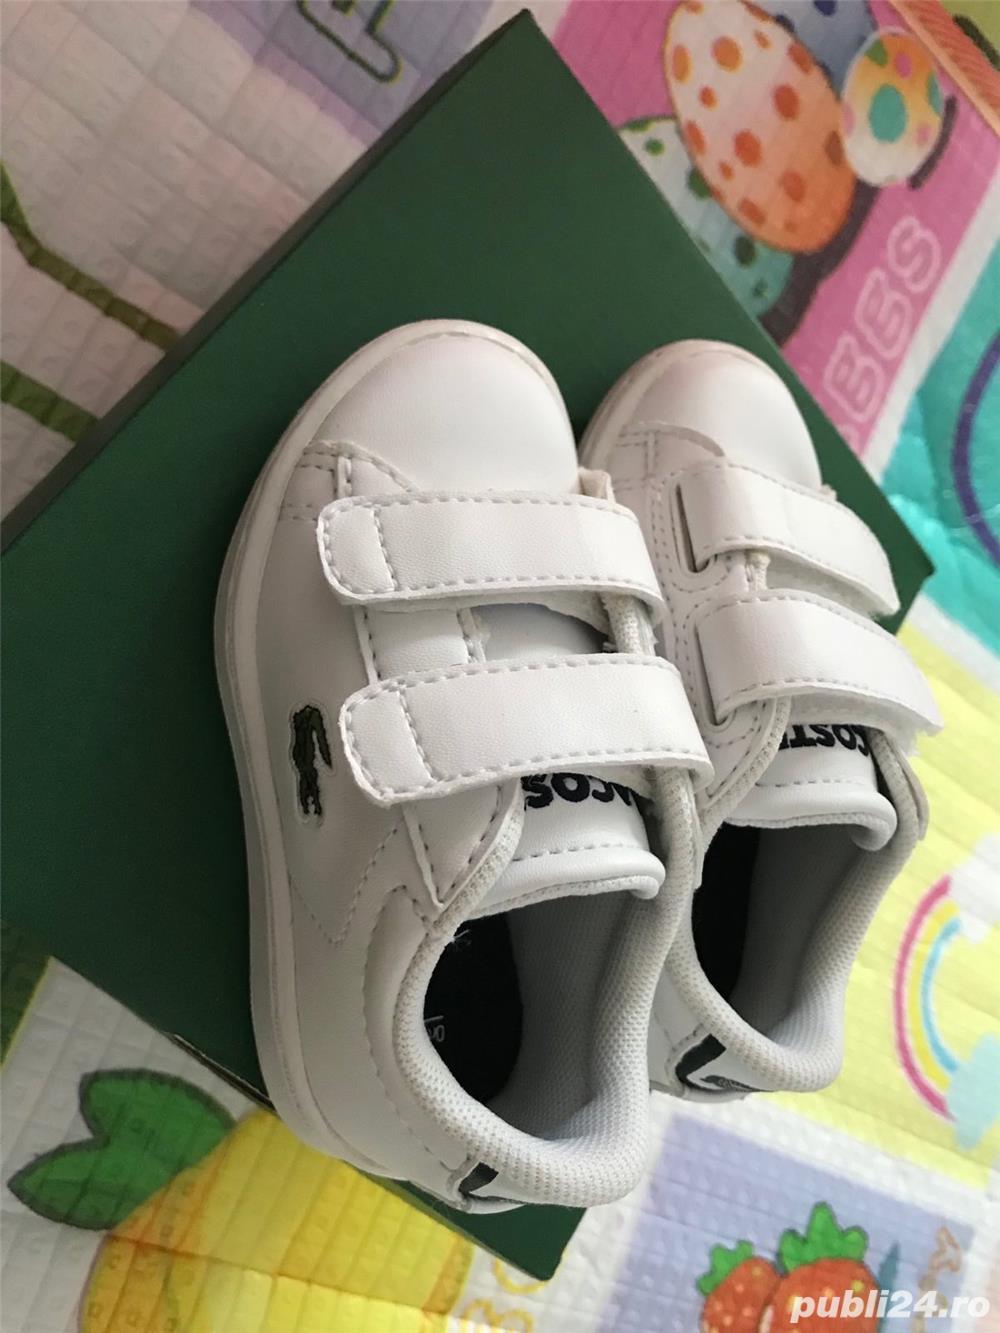 Vand pantofi NOI bebe size US4, EUR19, 11.5 lungime  LACOSTE original